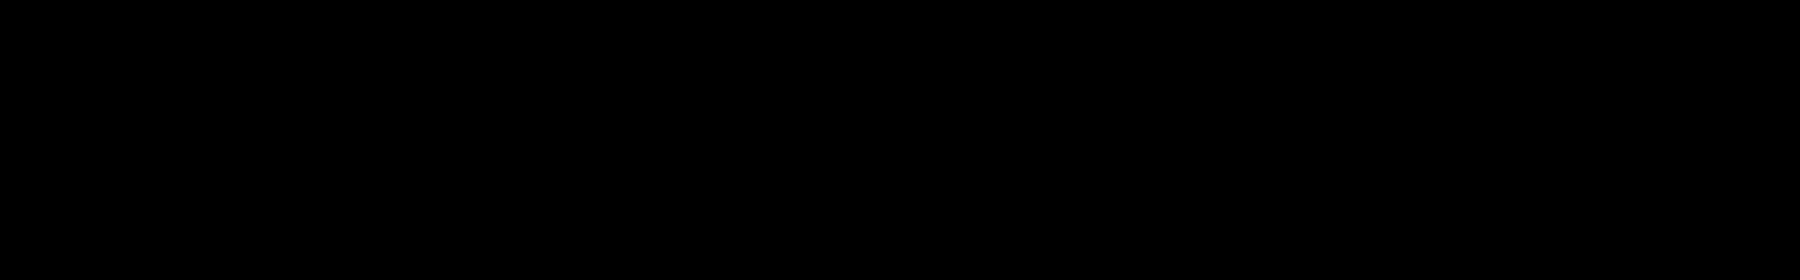 X NUMB audio waveform